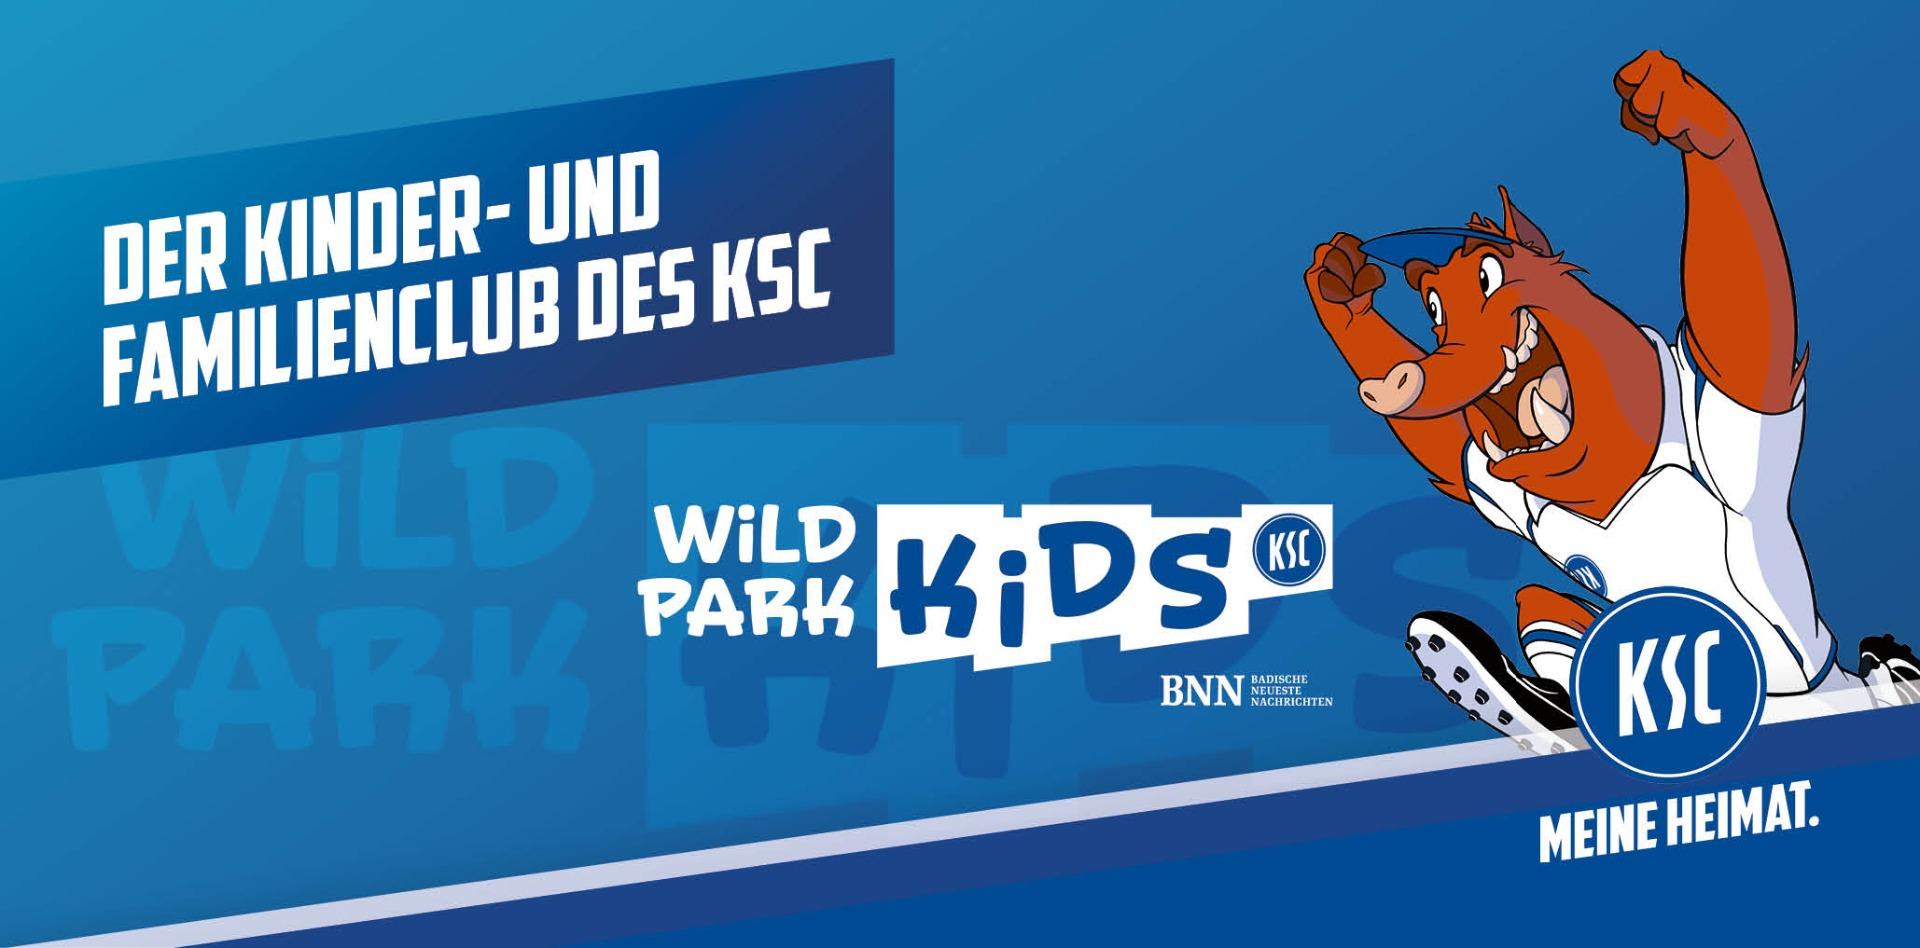 Ksc Fanshop Walli